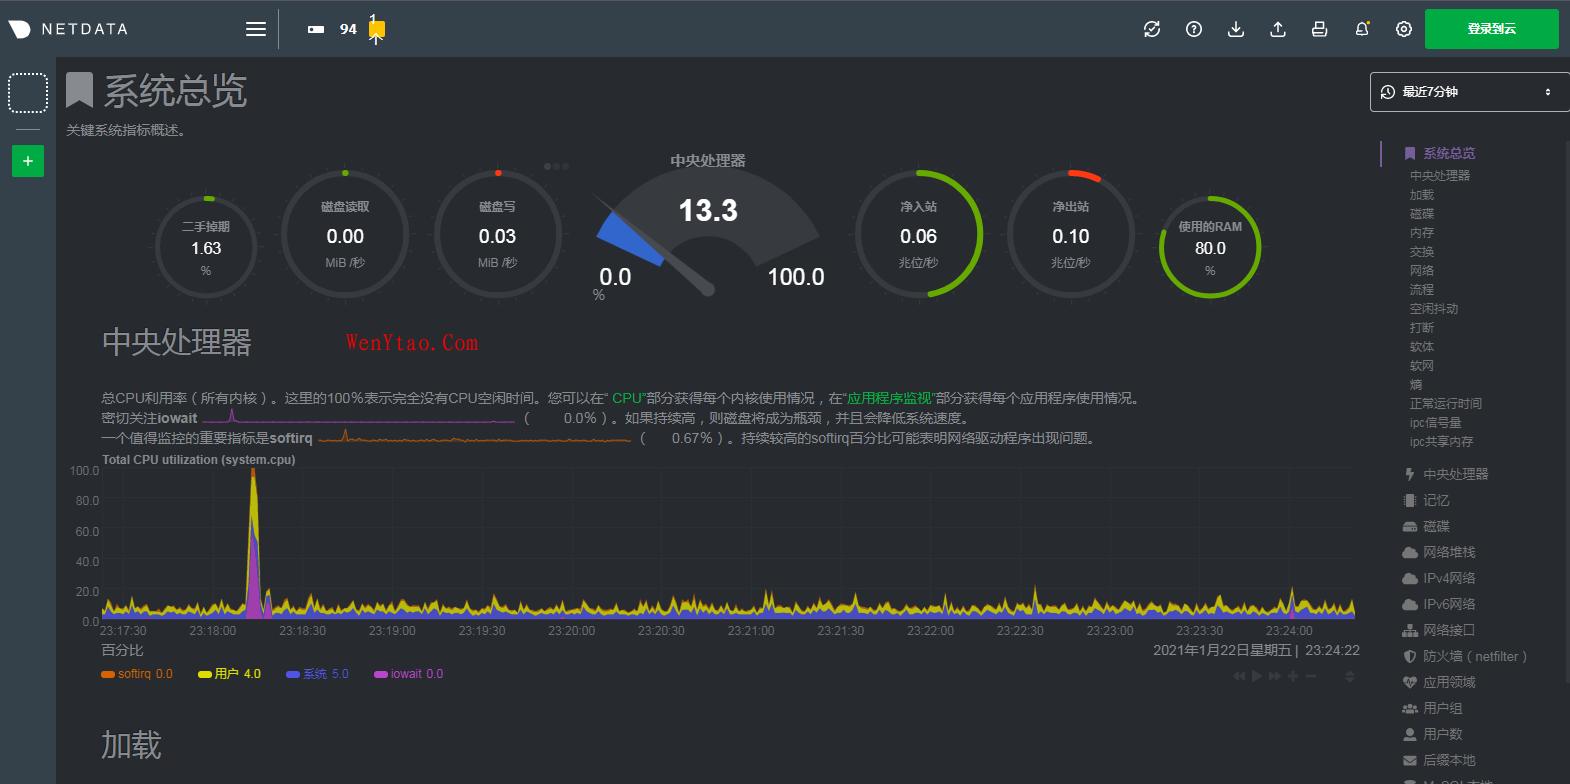 最新Netdata1.28版本安装以及汉化和使用(Linux 性能实时监测工具) 最新Netdata1.28版本安装 Netdata安装以及汉化 Linux下netdata中文版安装以及汉化 Netdata安装 第1张